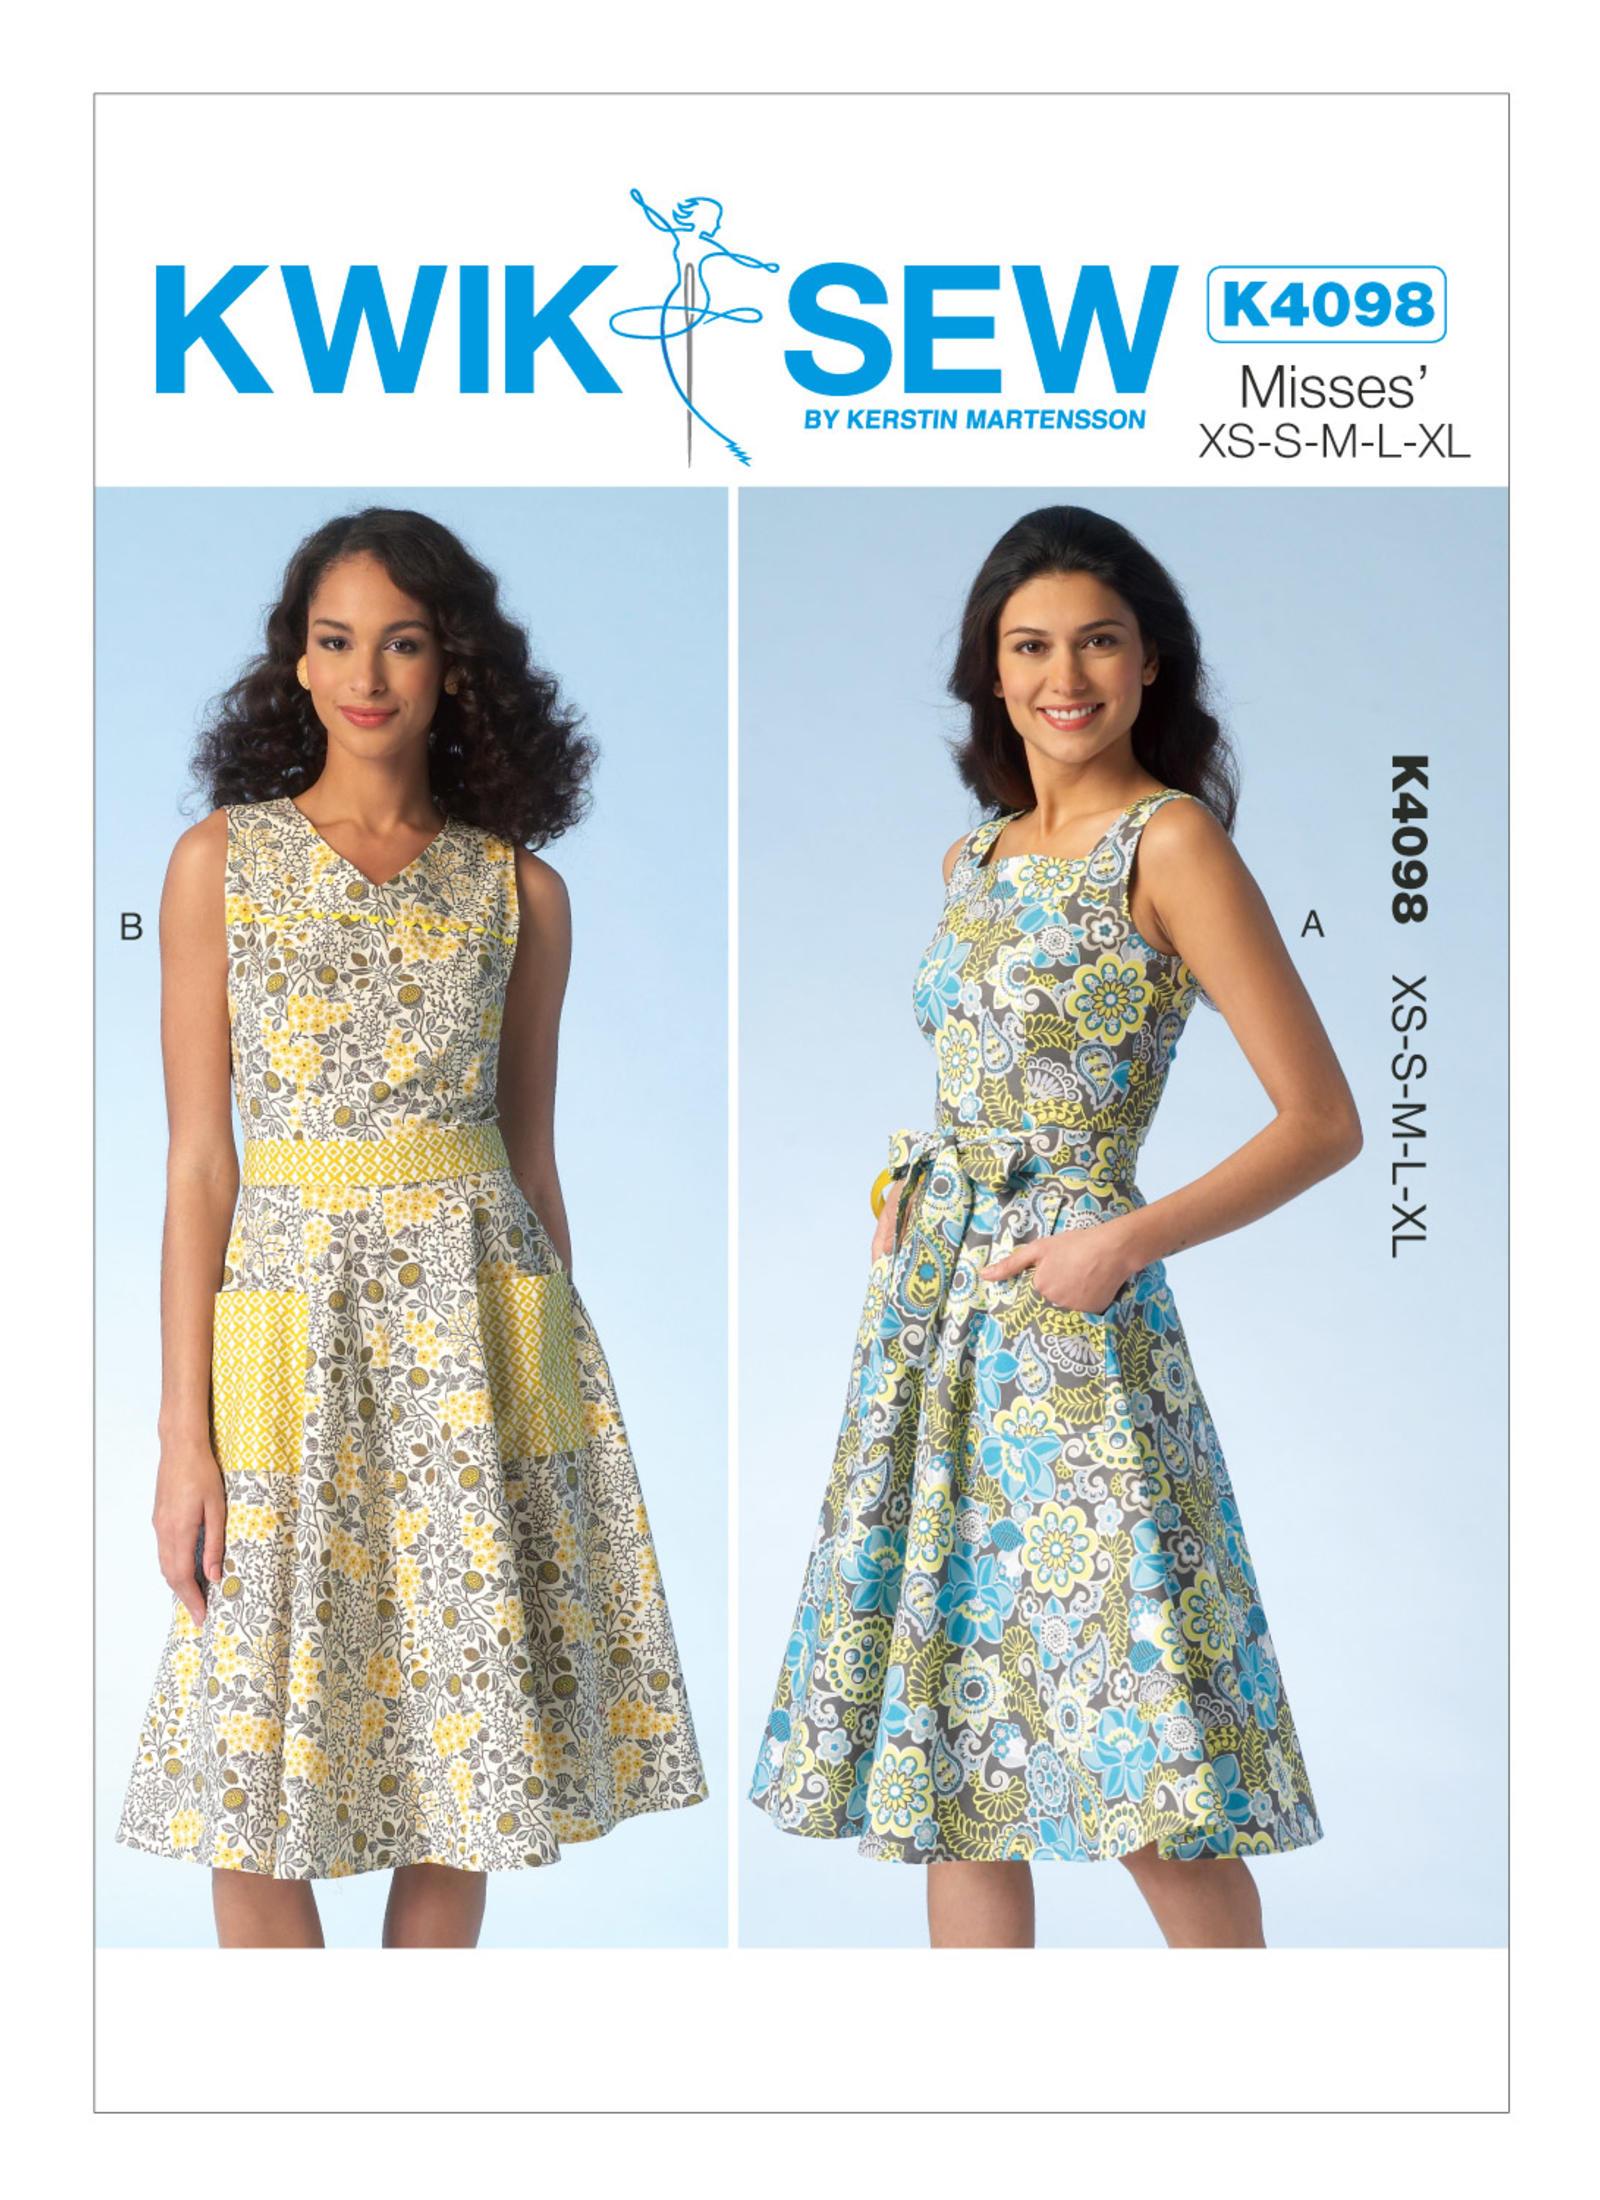 แพทเทิร์นตัดเดรสกระโปรงบาน Kwik Sew 4098 Size: XS-S-M-L-XL (อก 31.5 - 45 นิ้ว)